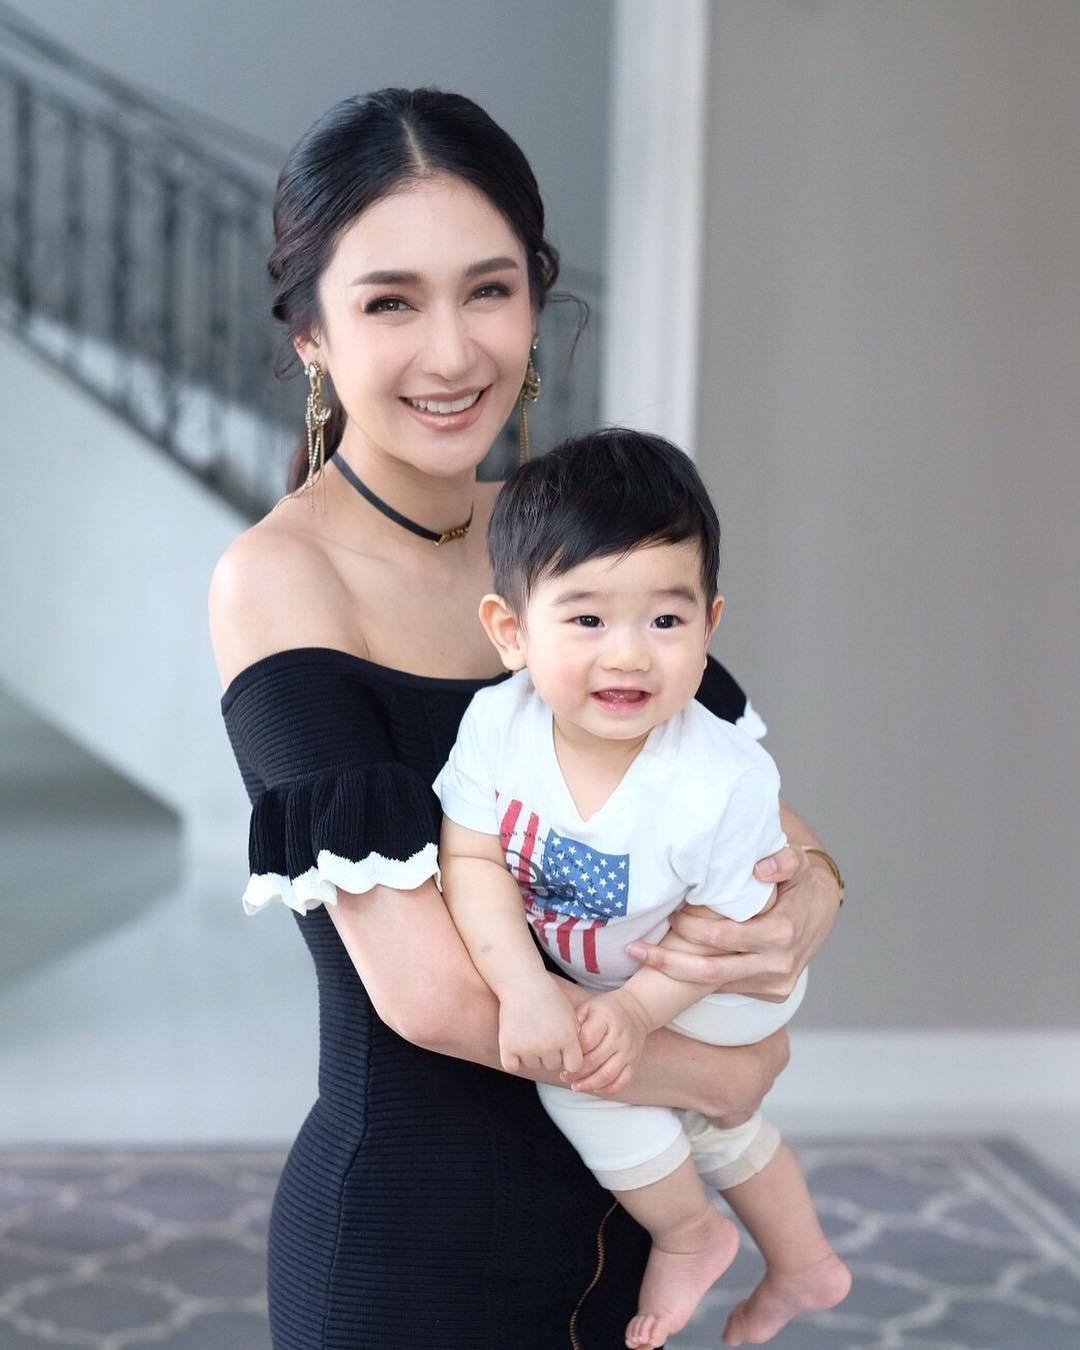 Minh tinh Thái lấy chồng siêu giàu: Người được cung phụng như bà hoàng, kẻ lấy bố của bạn, ly hôn trong thị phi-24